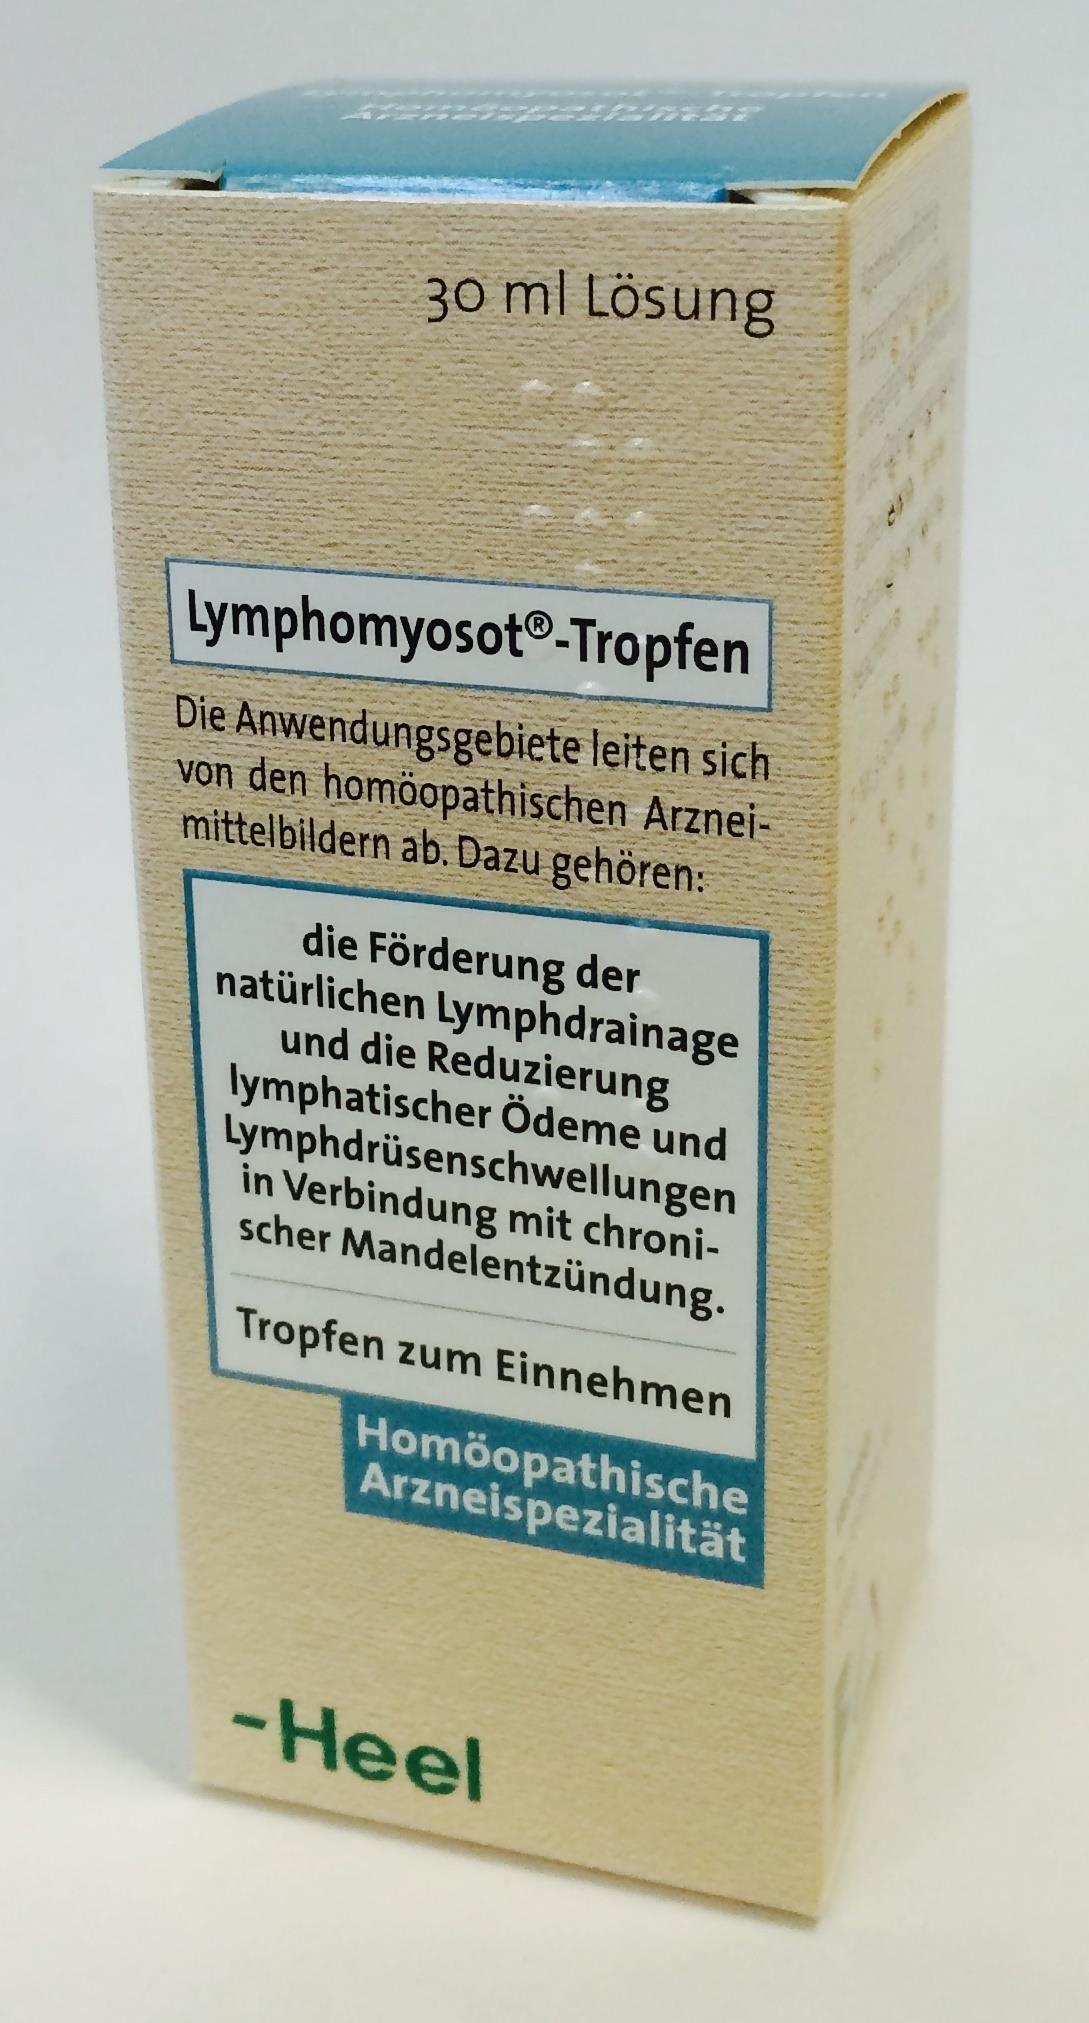 Lymphomyosot - Tropfen